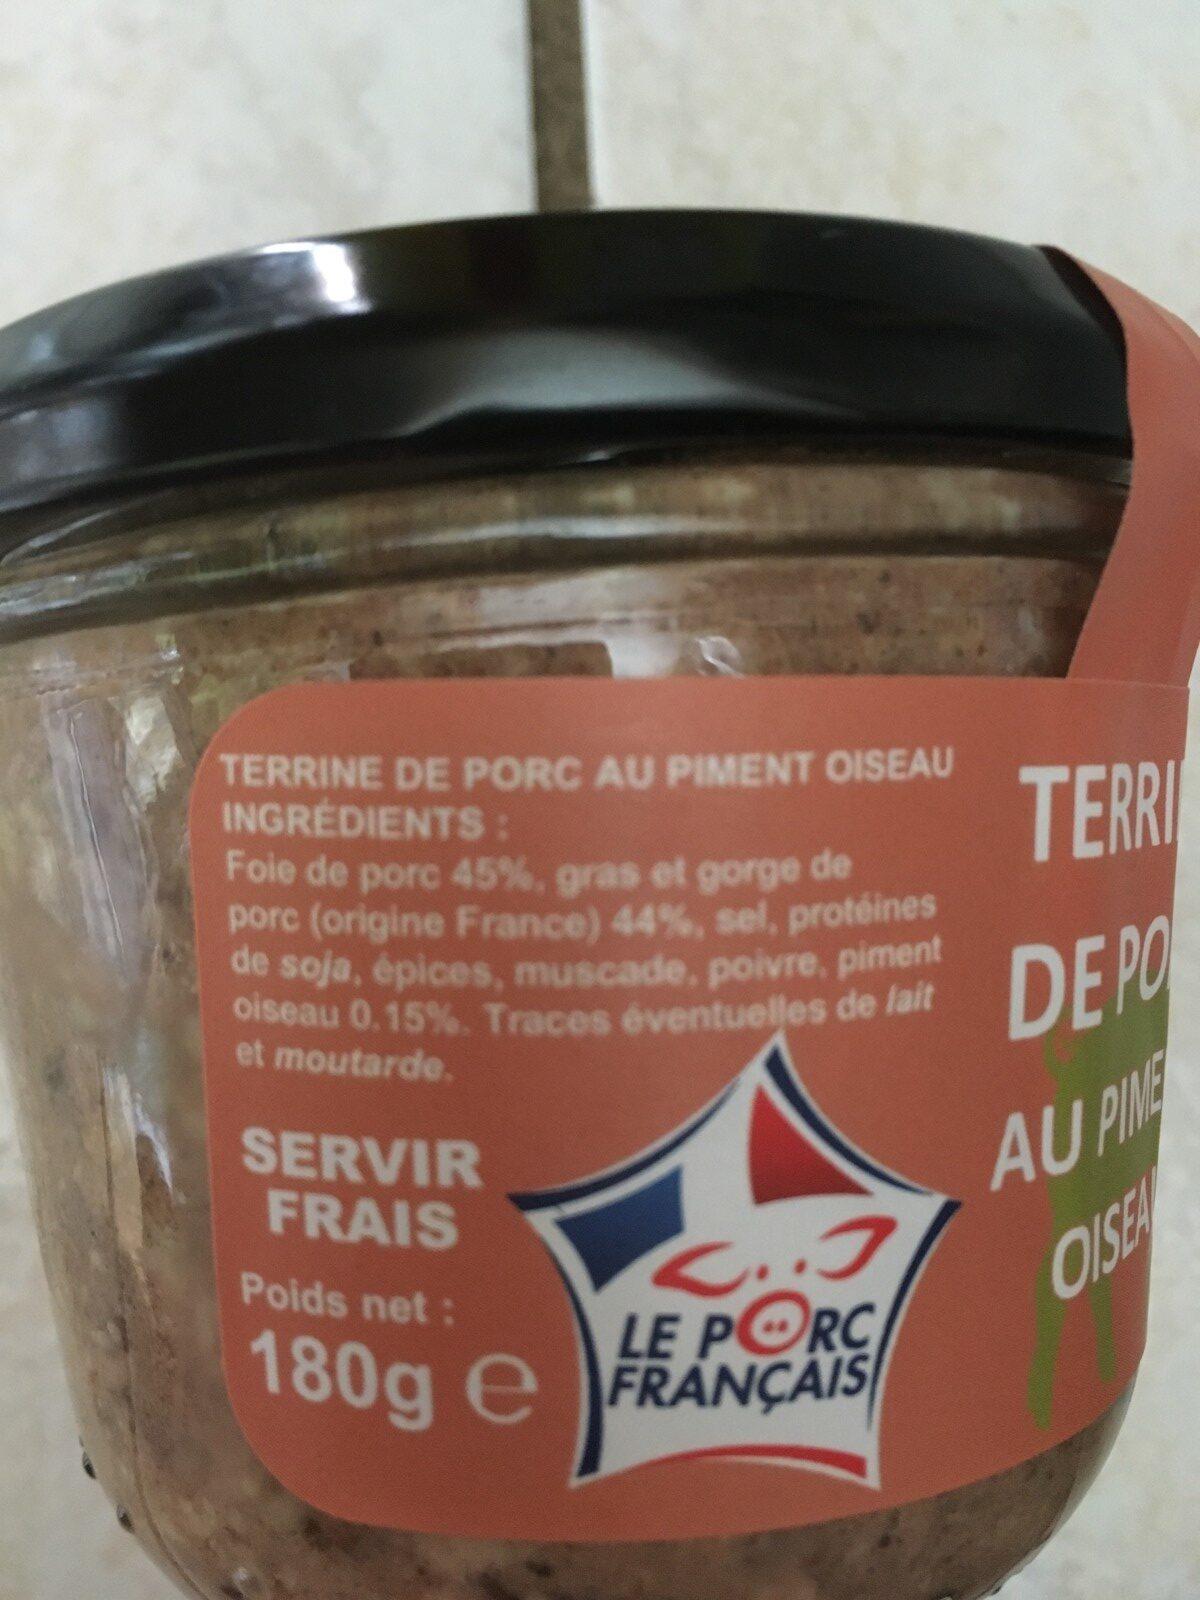 Terrine de porc au piment oiseau - Ingredients